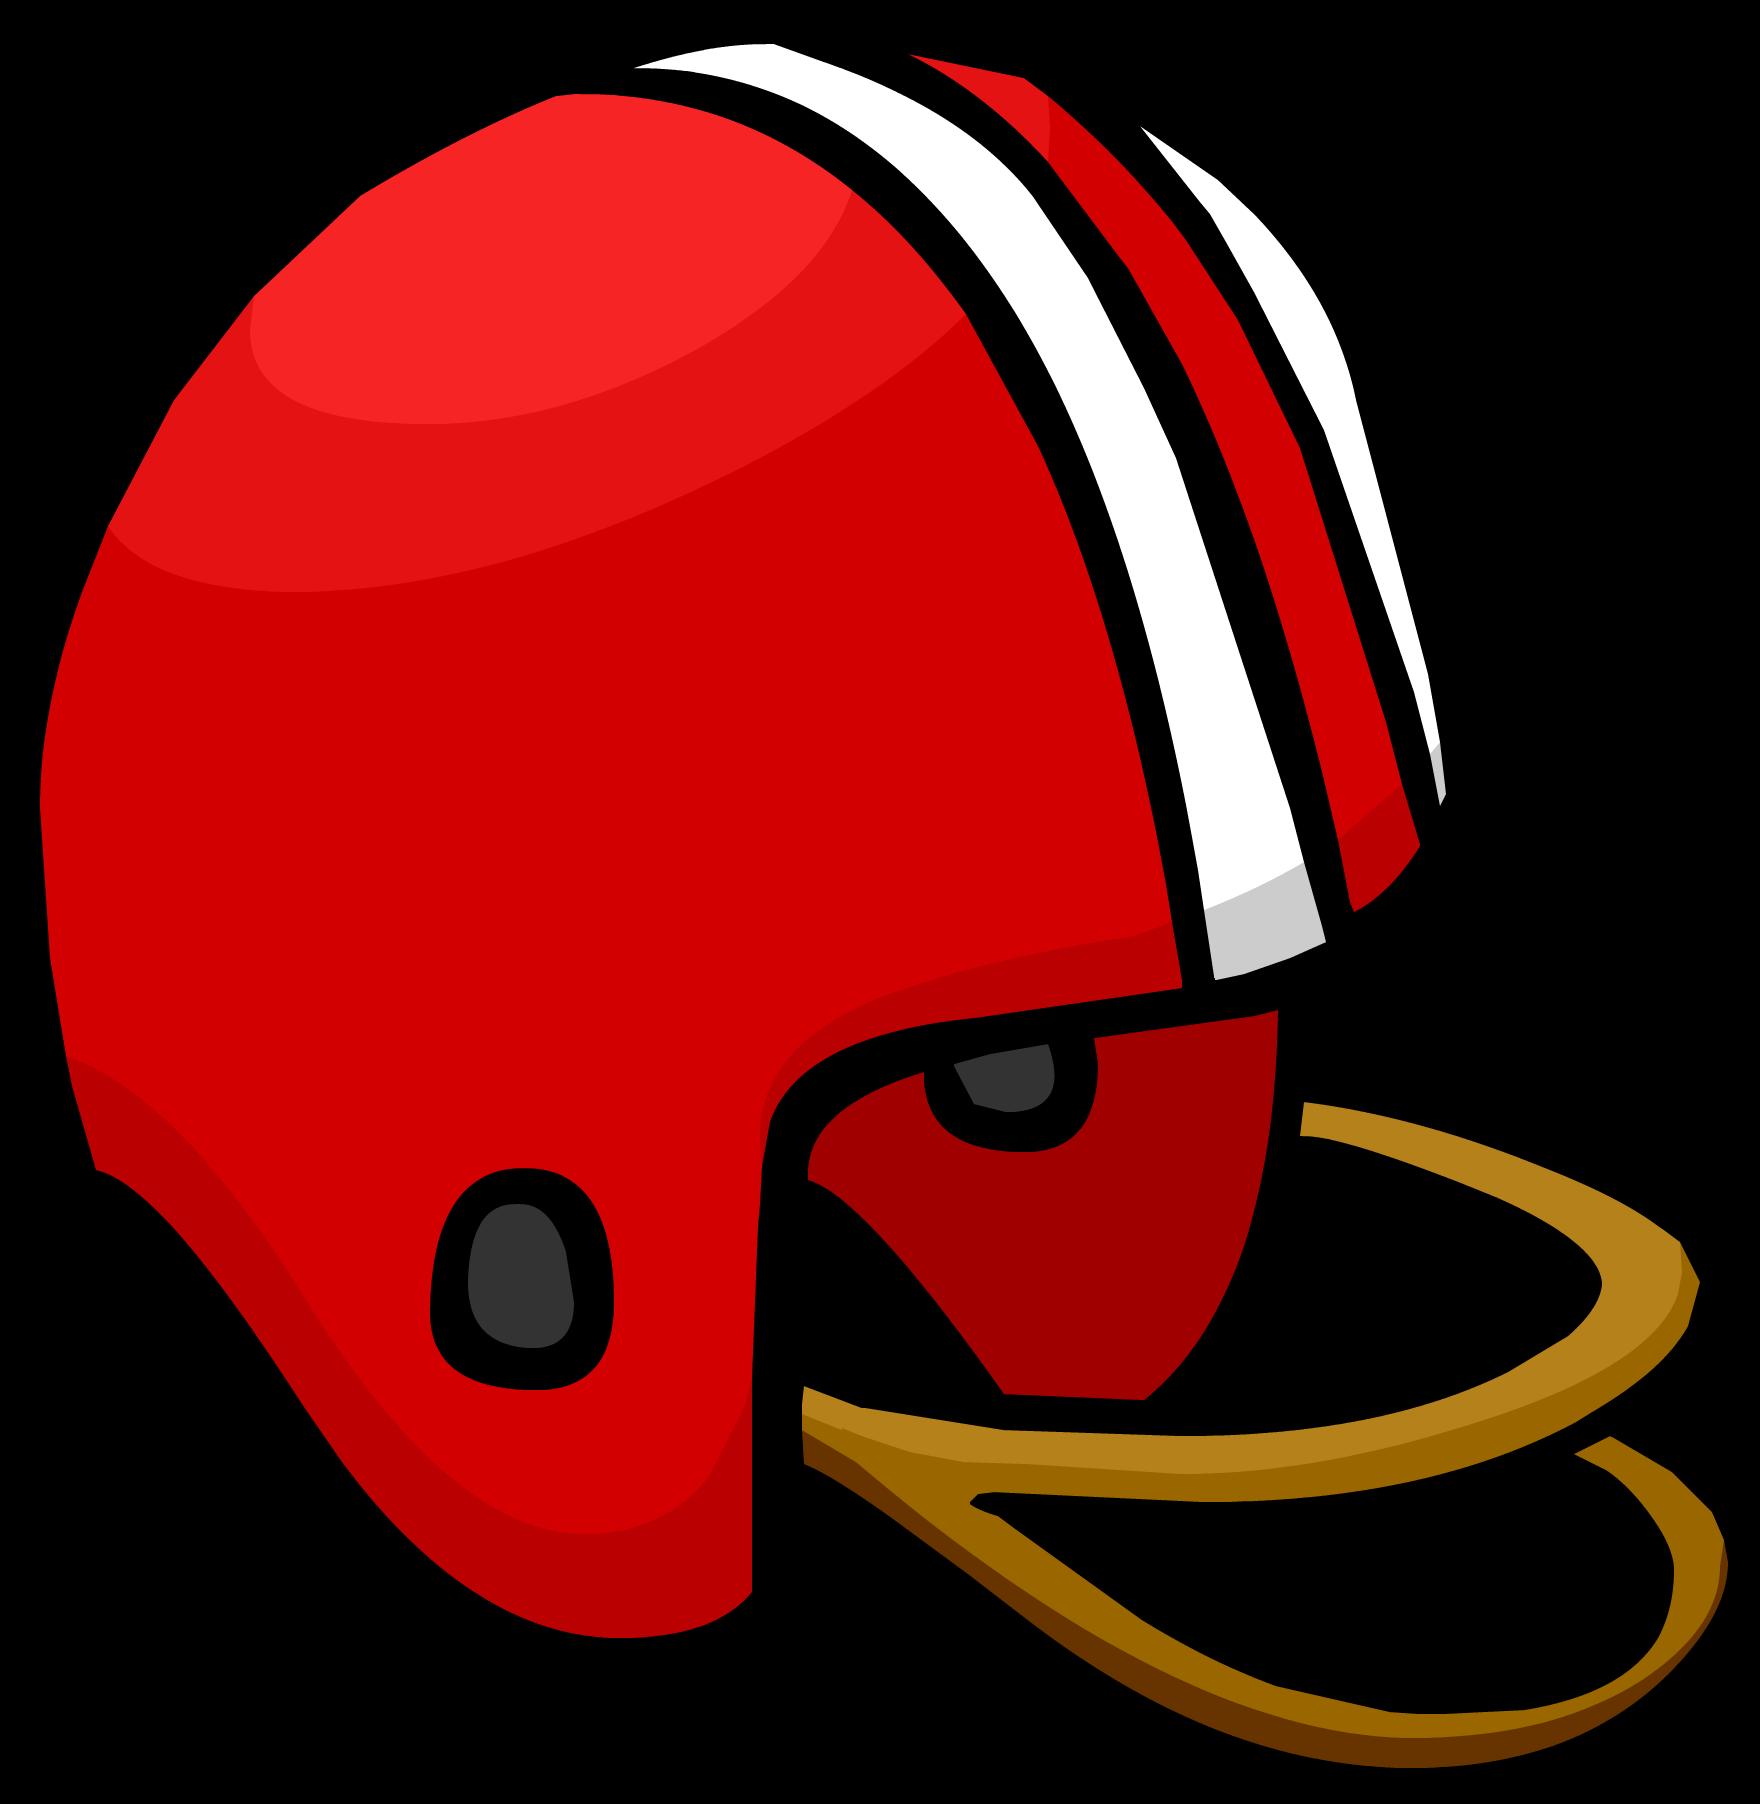 1760x1804 Clip Art Football Helmet Clip Art